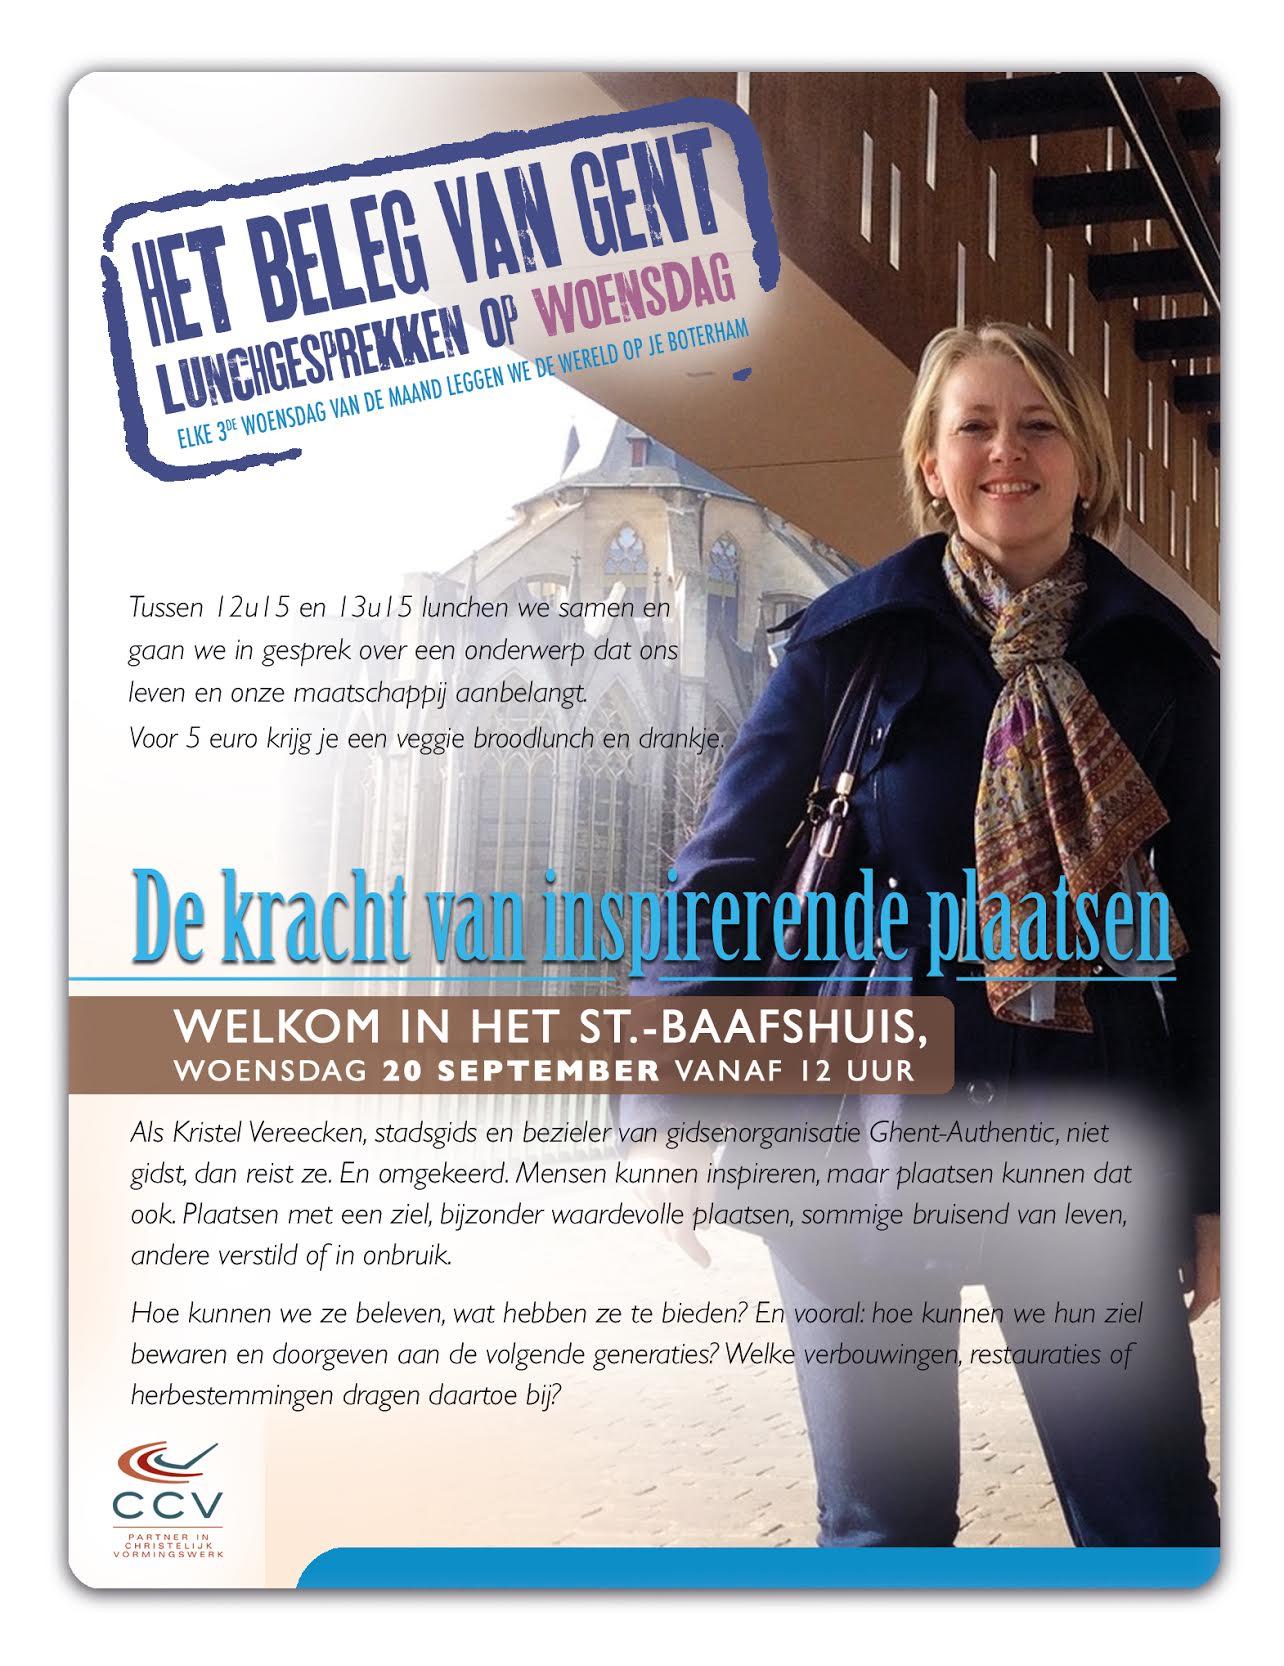 Kristel Vereecken - Beleg van Gent - 20 september © CCV in het bisdom Gent